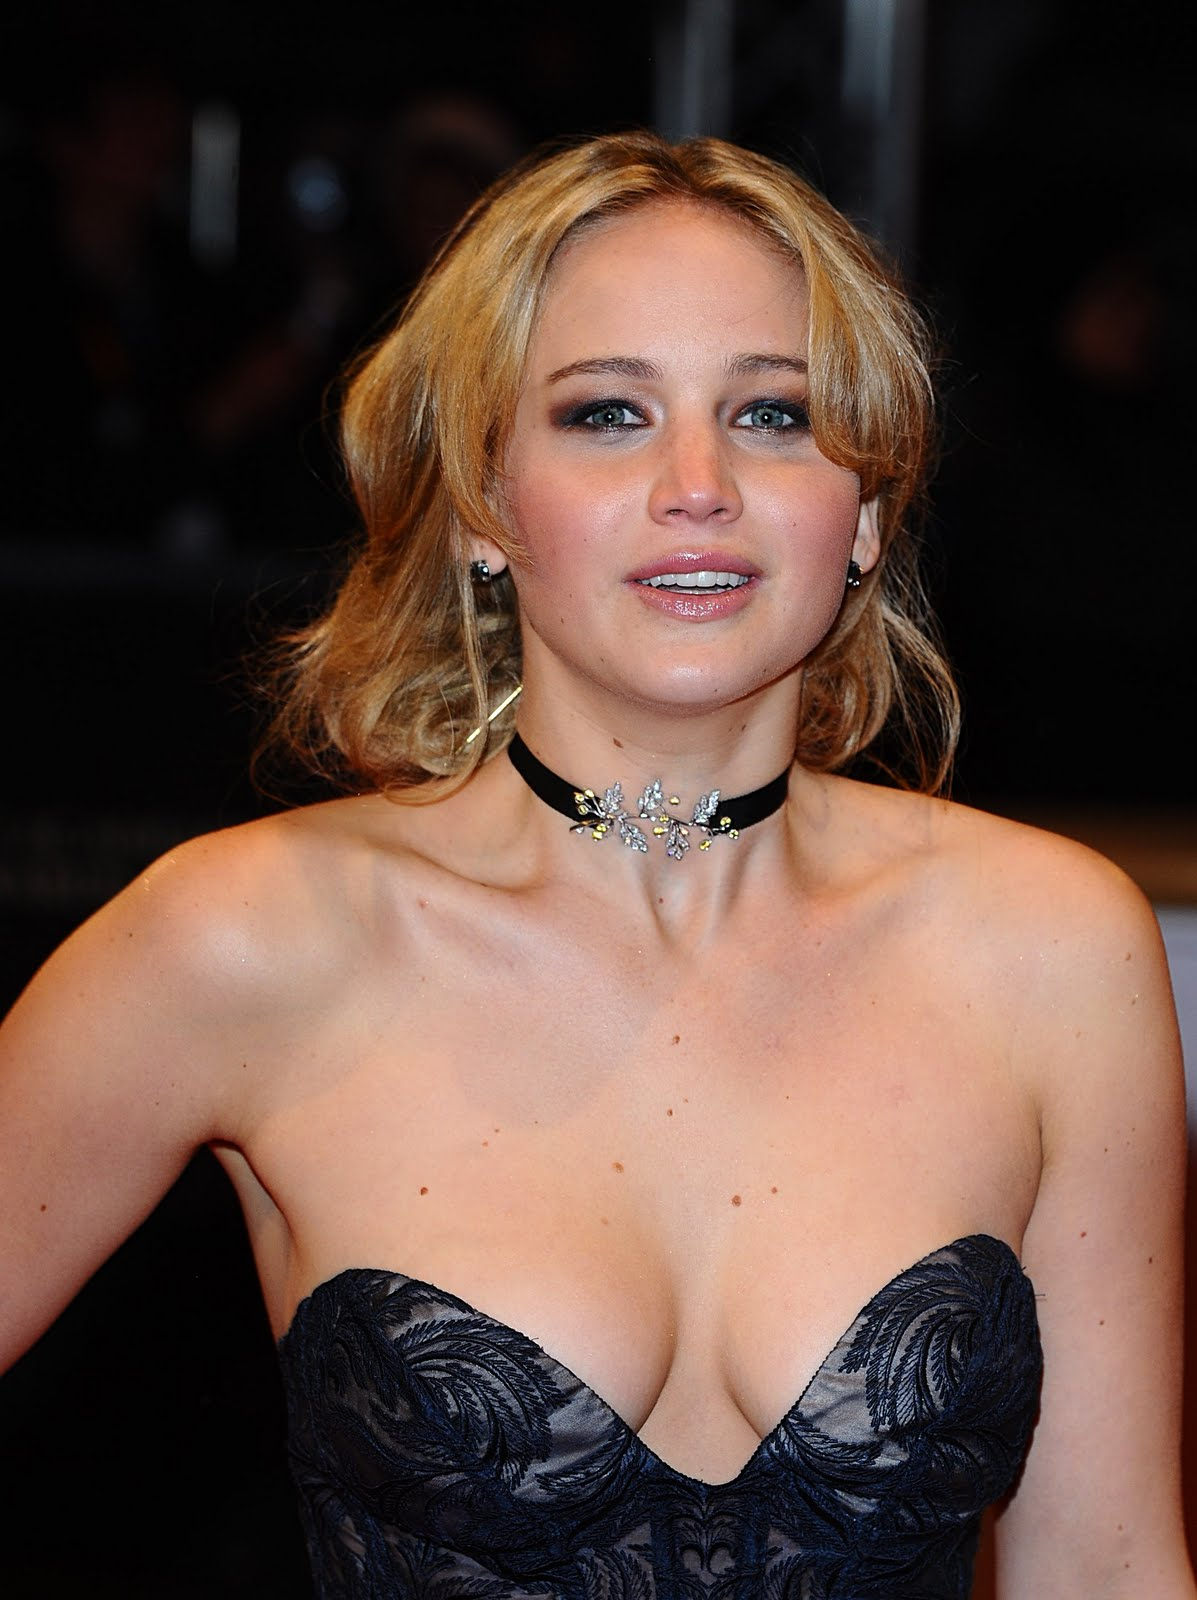 HOT CELEBRITY: Jennifer Lawrence Photo and Biography